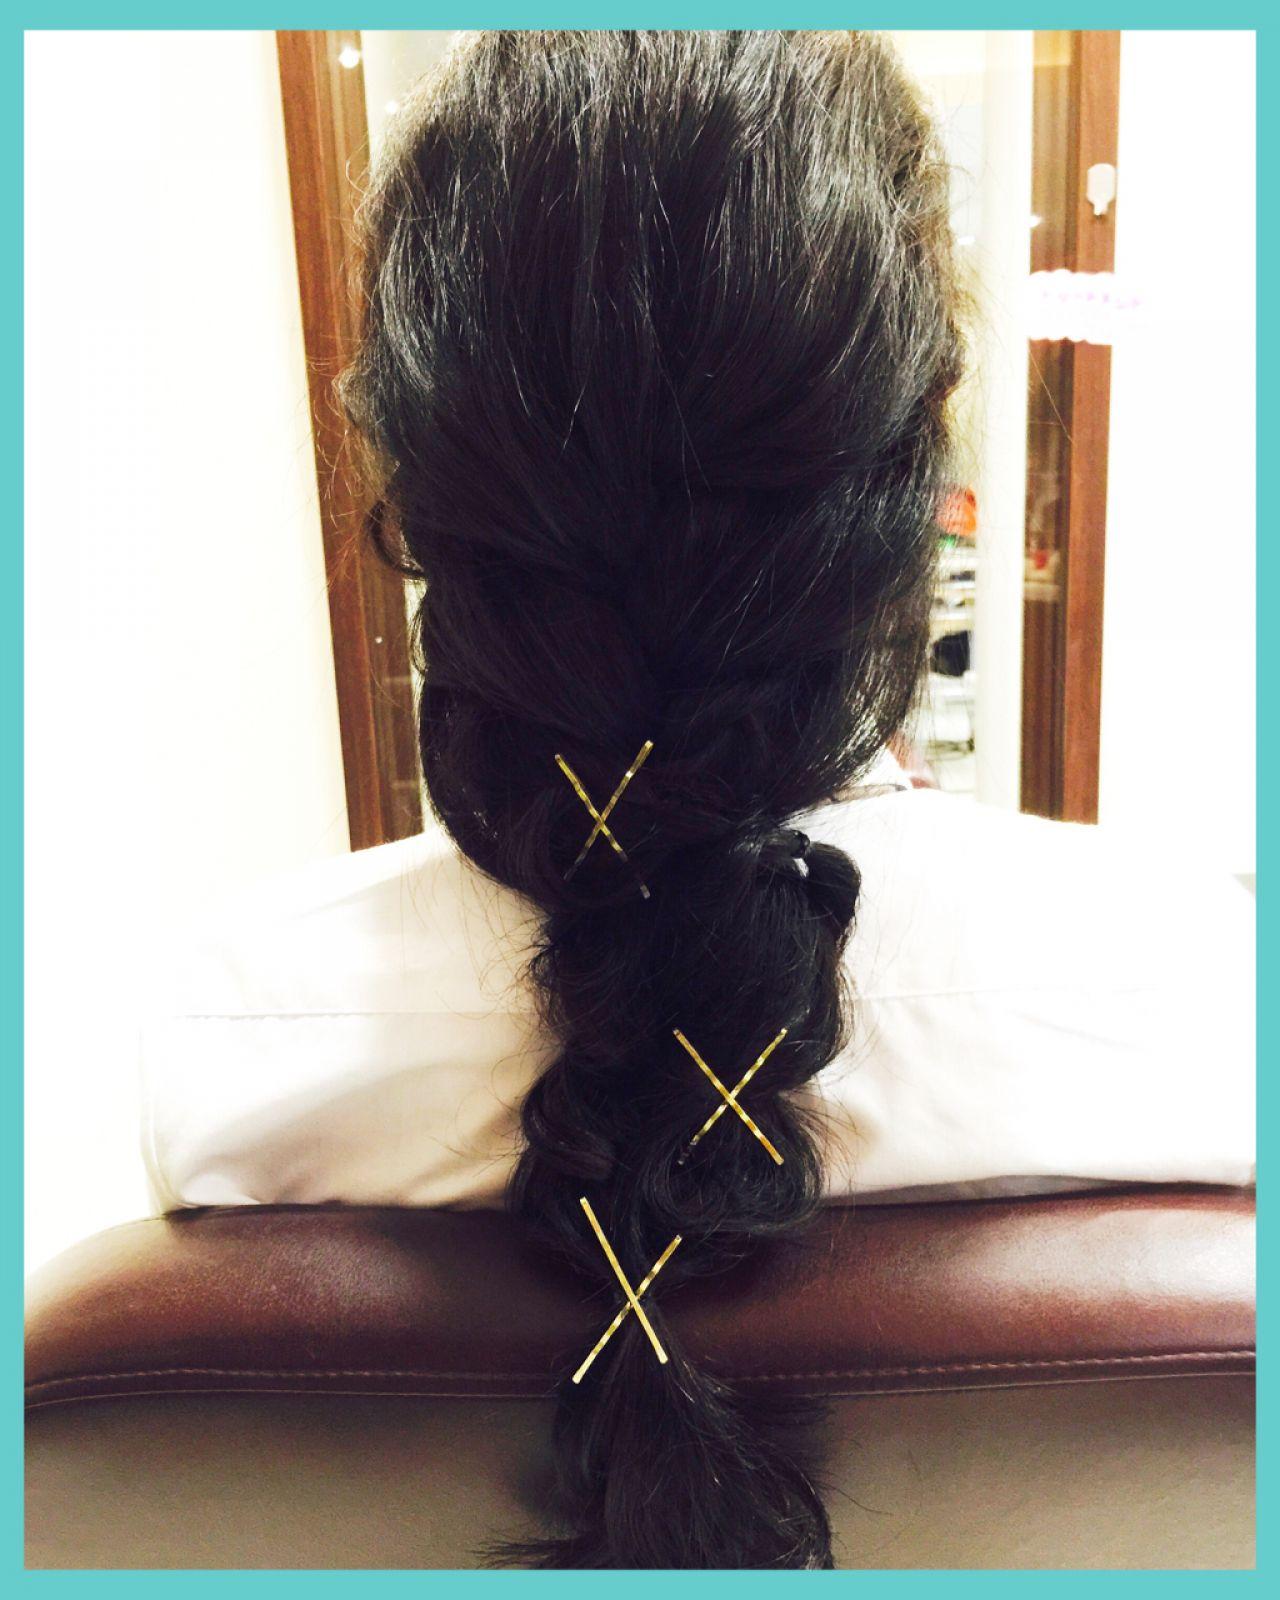 ヘアピン 簡単ヘアアレンジ ヘアアレンジ ヘアアクセ ヘアスタイルや髪型の写真・画像 | 栗山 卓也 / ヘアーサロンシェール